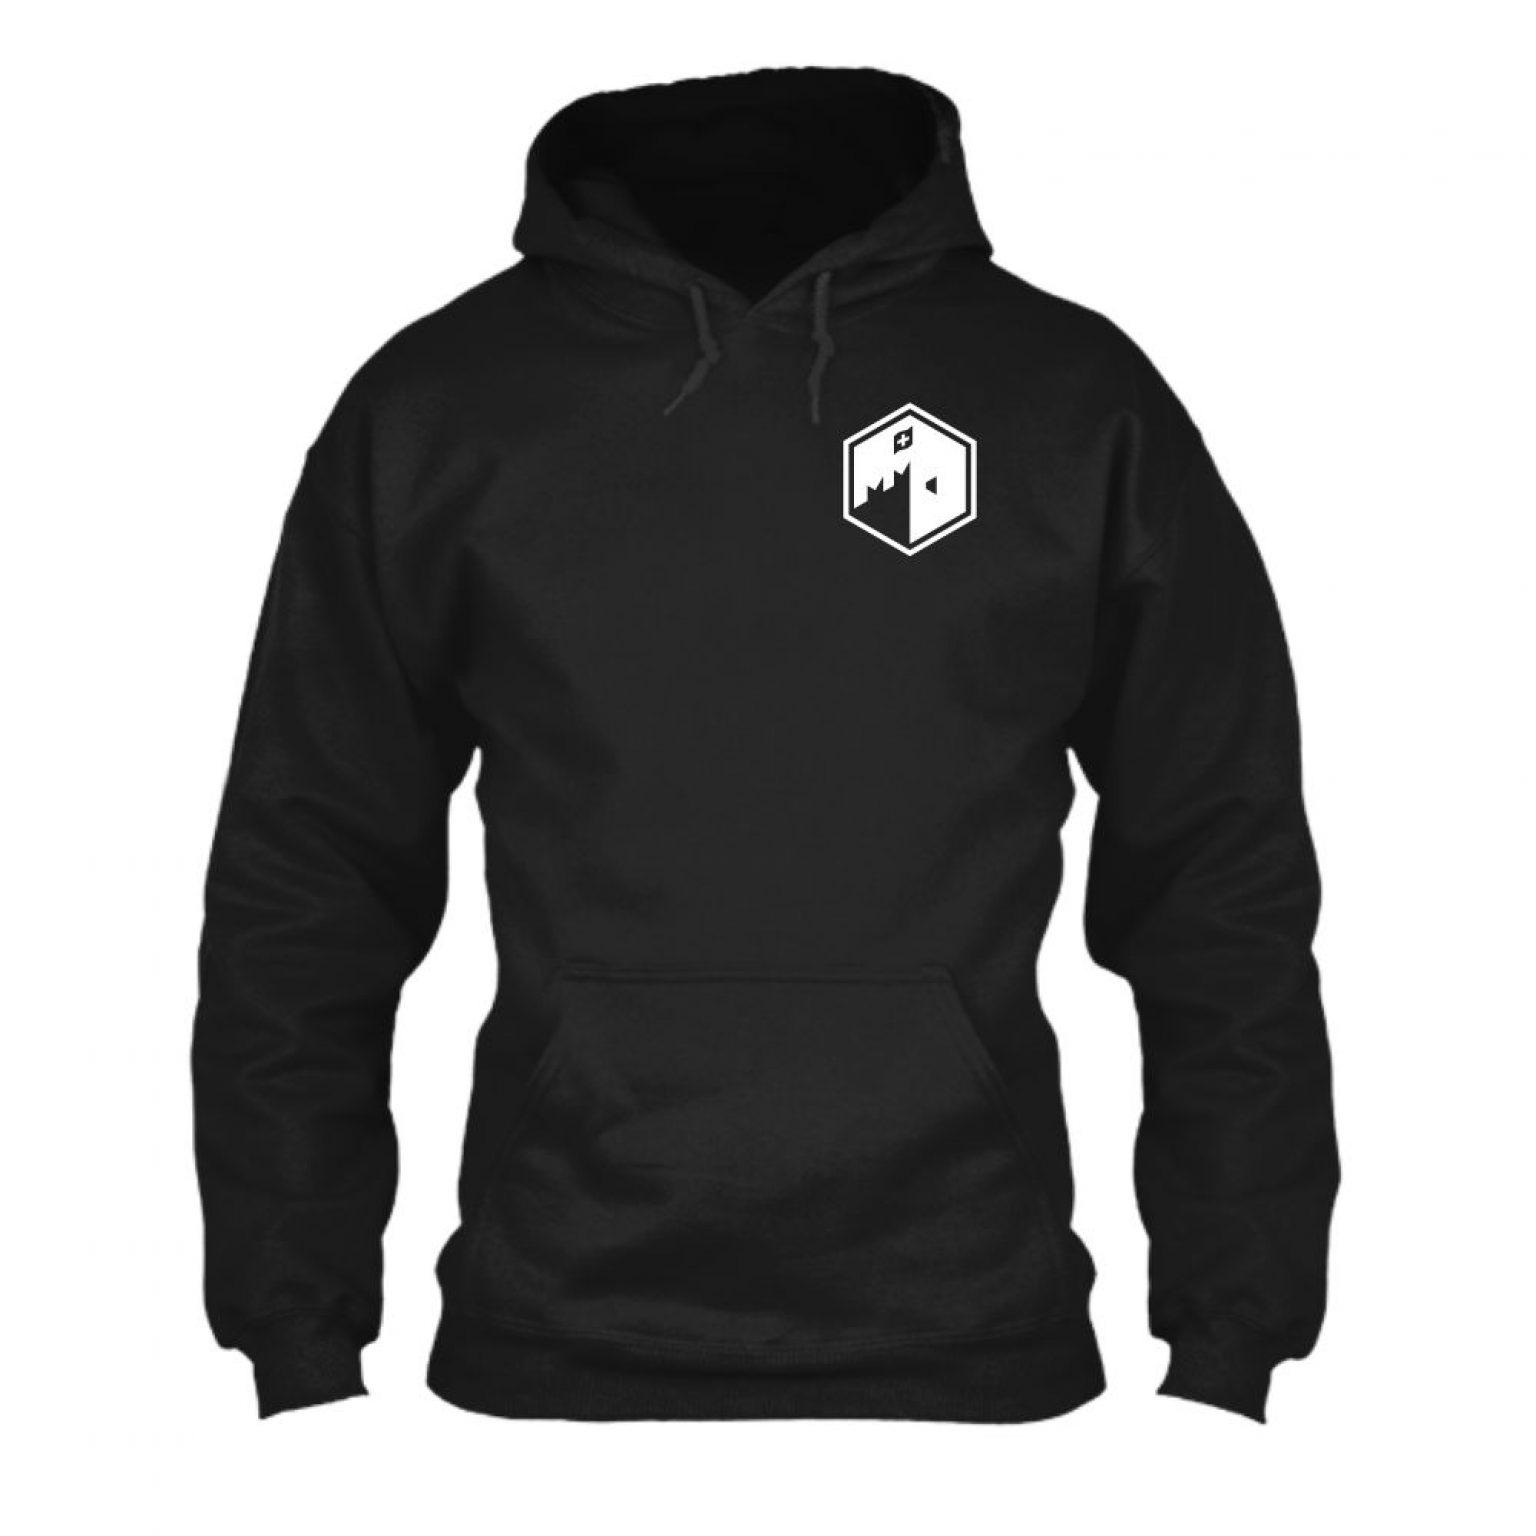 CFB hoodie herren black front